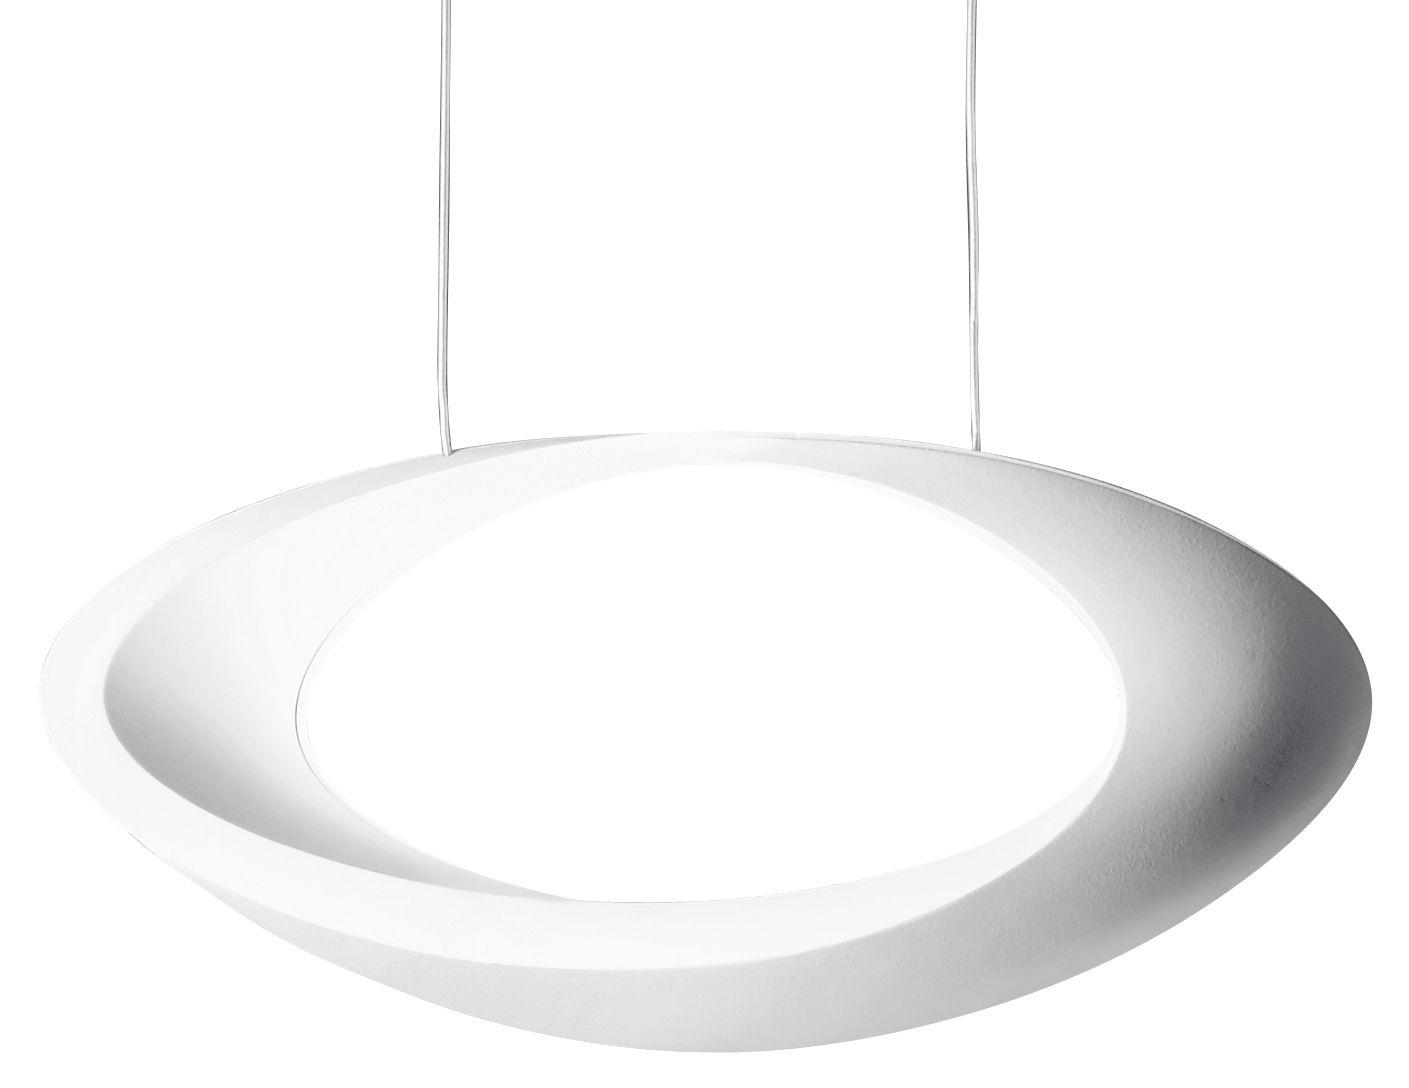 Luminaire - Suspensions - Suspension Cabildo LED - Artemide - Blanc - Aluminium peint